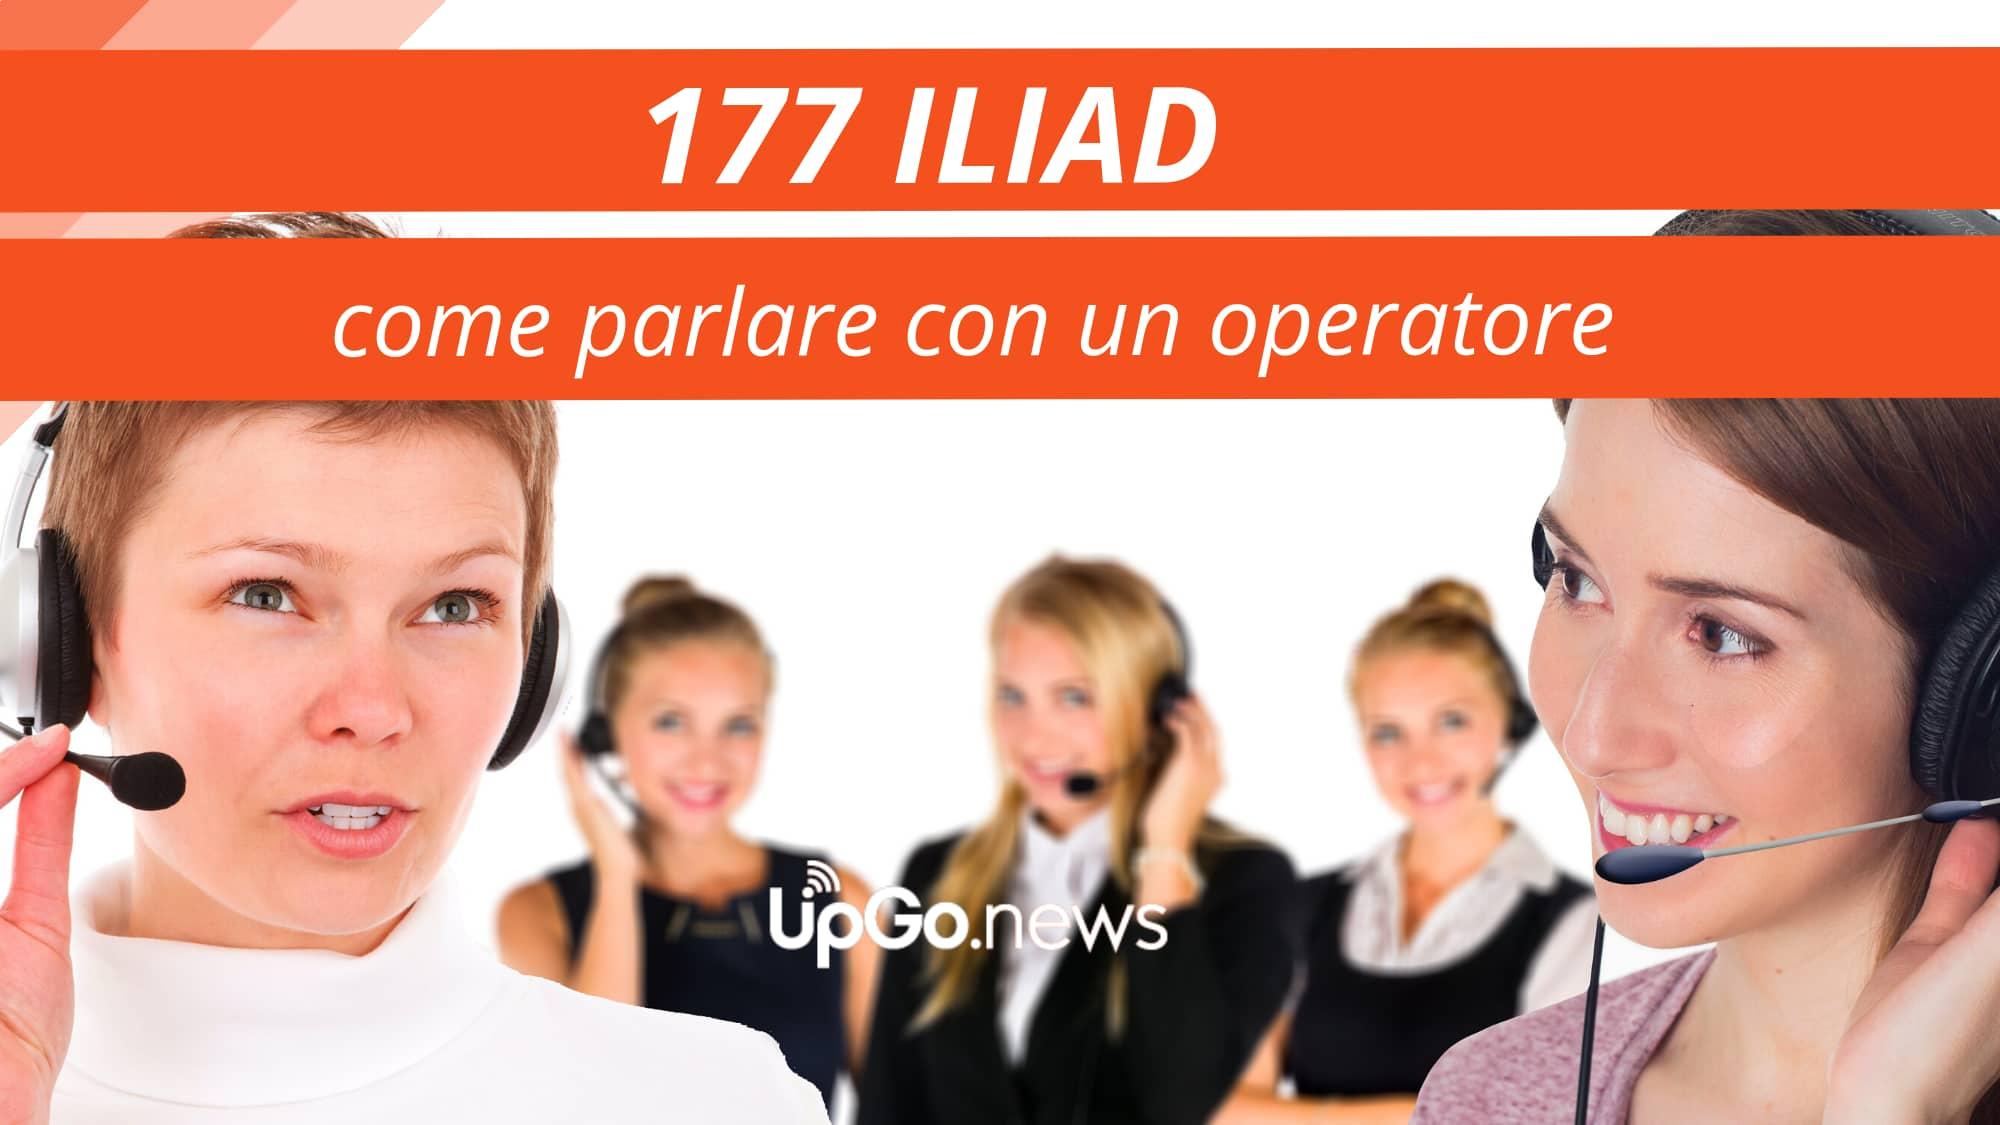 177 Iliad parlare con operatore